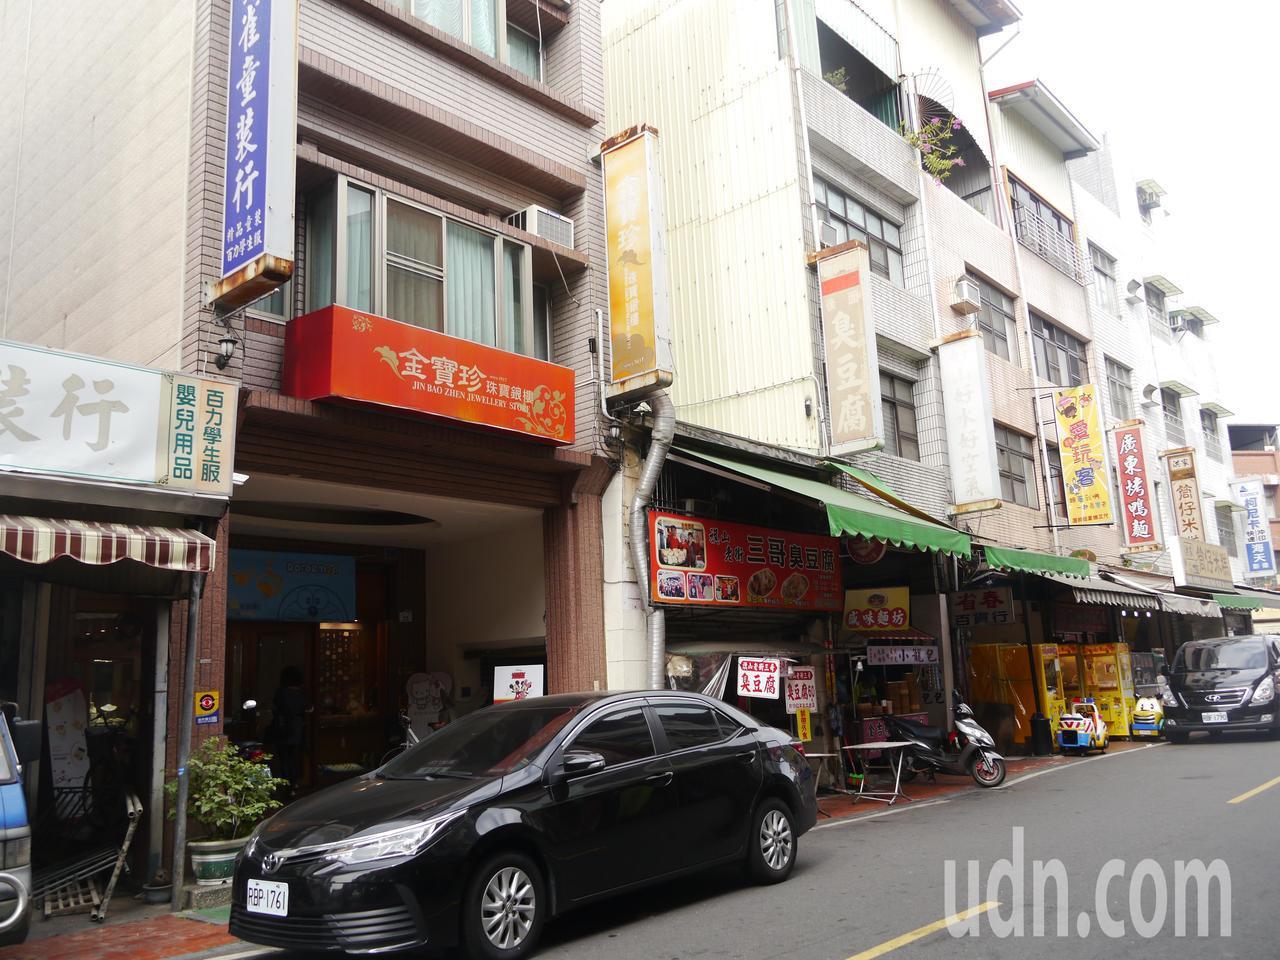 被搶金飾的銀樓是旗山中山路老街上老字號店家,經營已有百年之久。記者徐白櫻/攝影